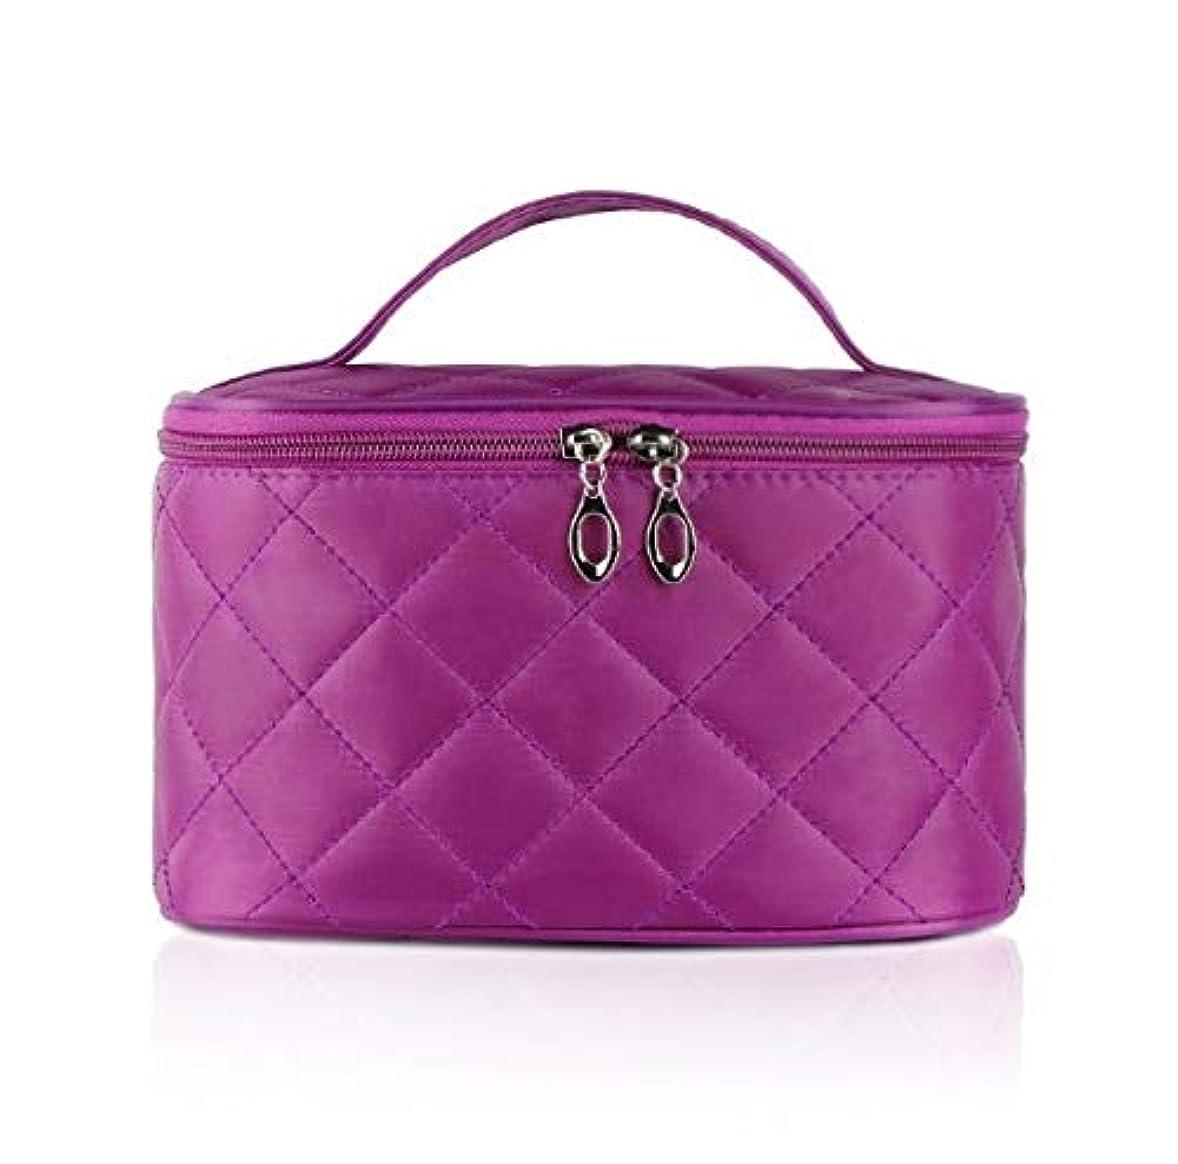 クリエイティブ体系的に国籍化粧箱、簡単な菱形の正方形の携帯用化粧品袋、携帯用携帯用旅行化粧品の箱、美の釘の宝石類の収納箱 (Color : Purple)